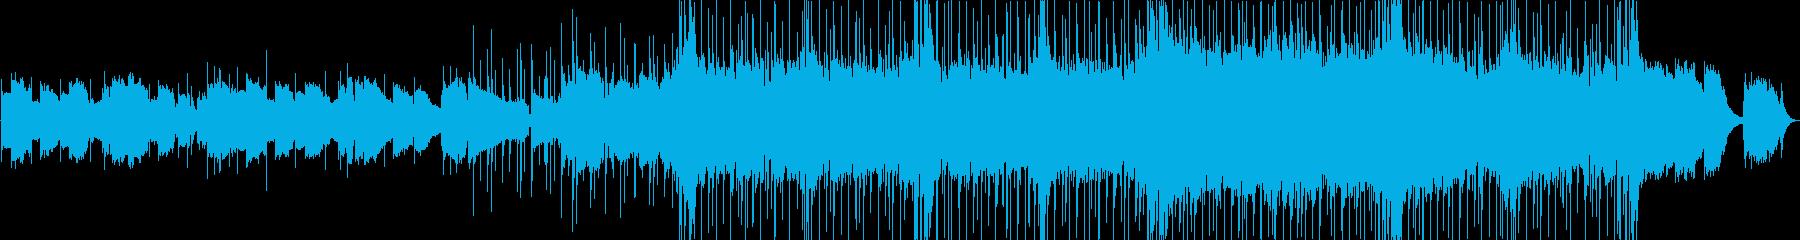 リアルブルース。素晴らしいギターソロ。の再生済みの波形